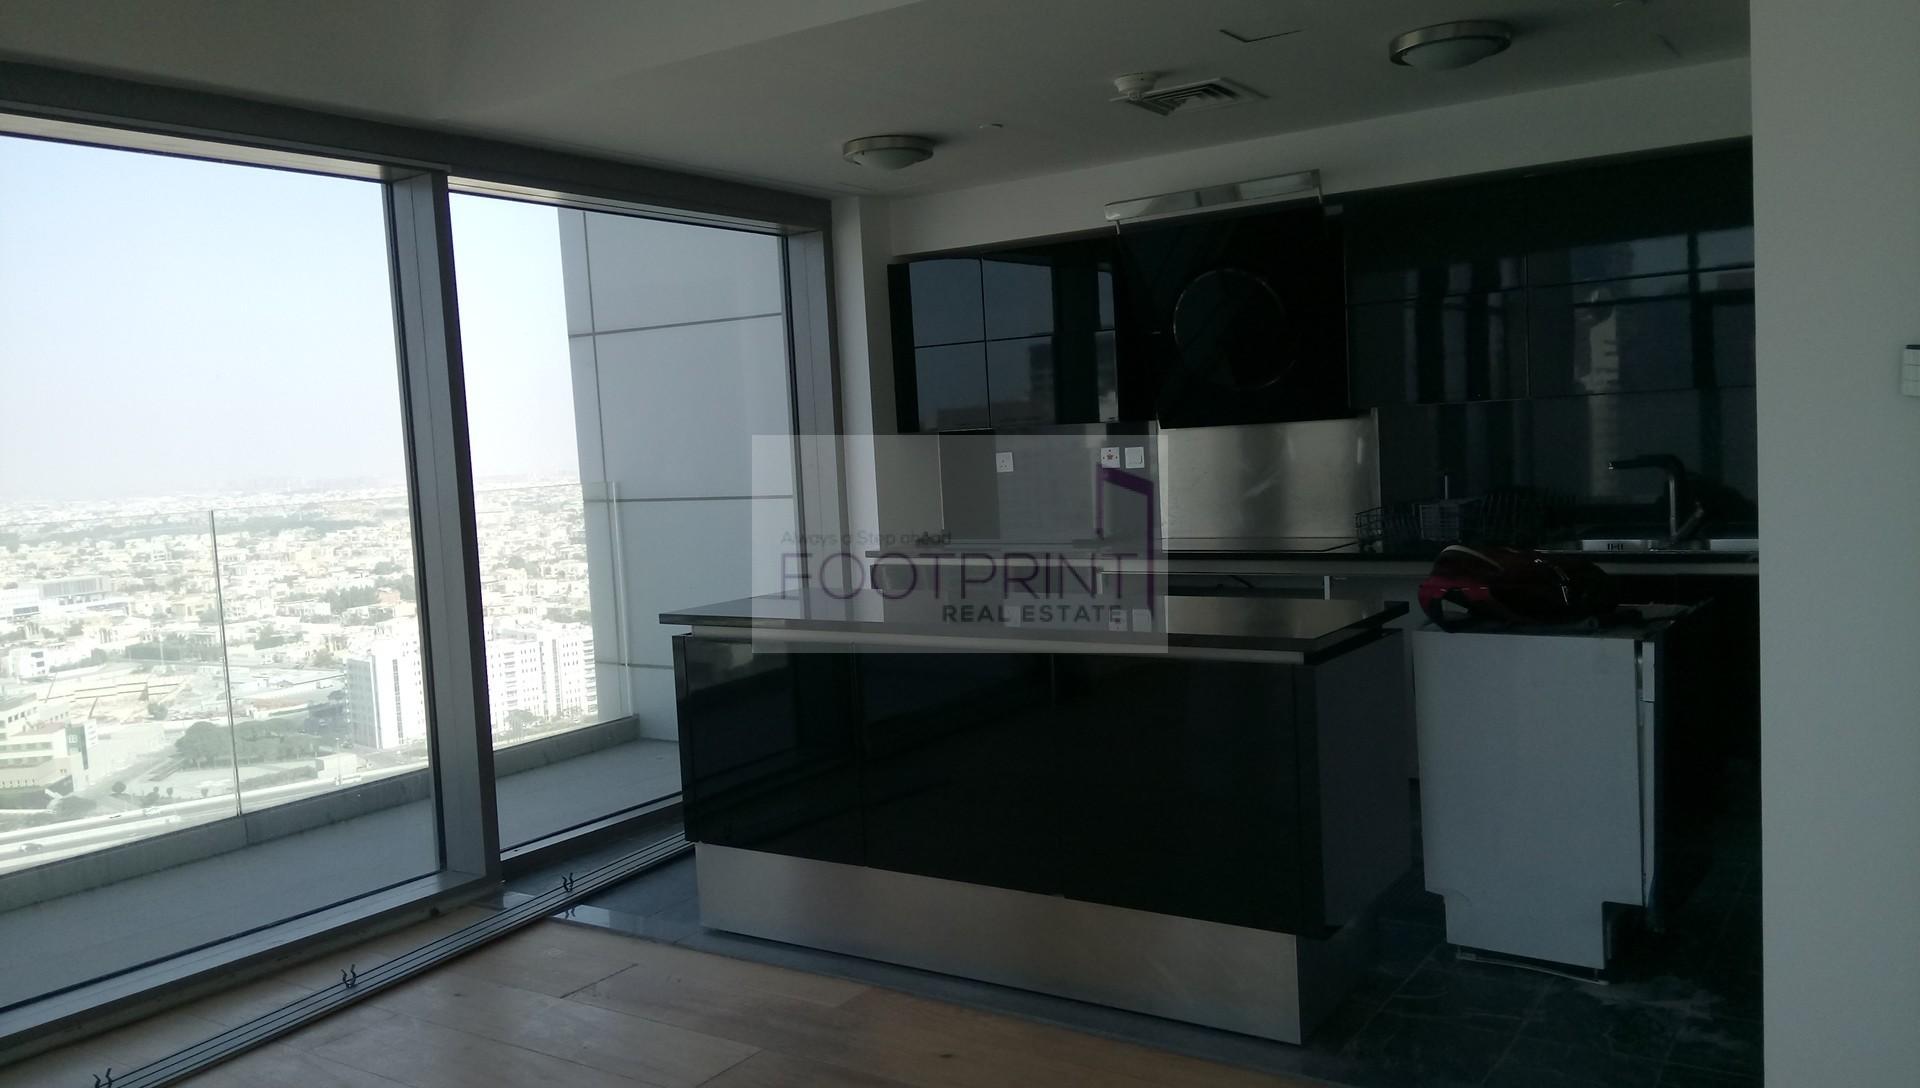 Luxury Pent House+Amazing view+Price Neg